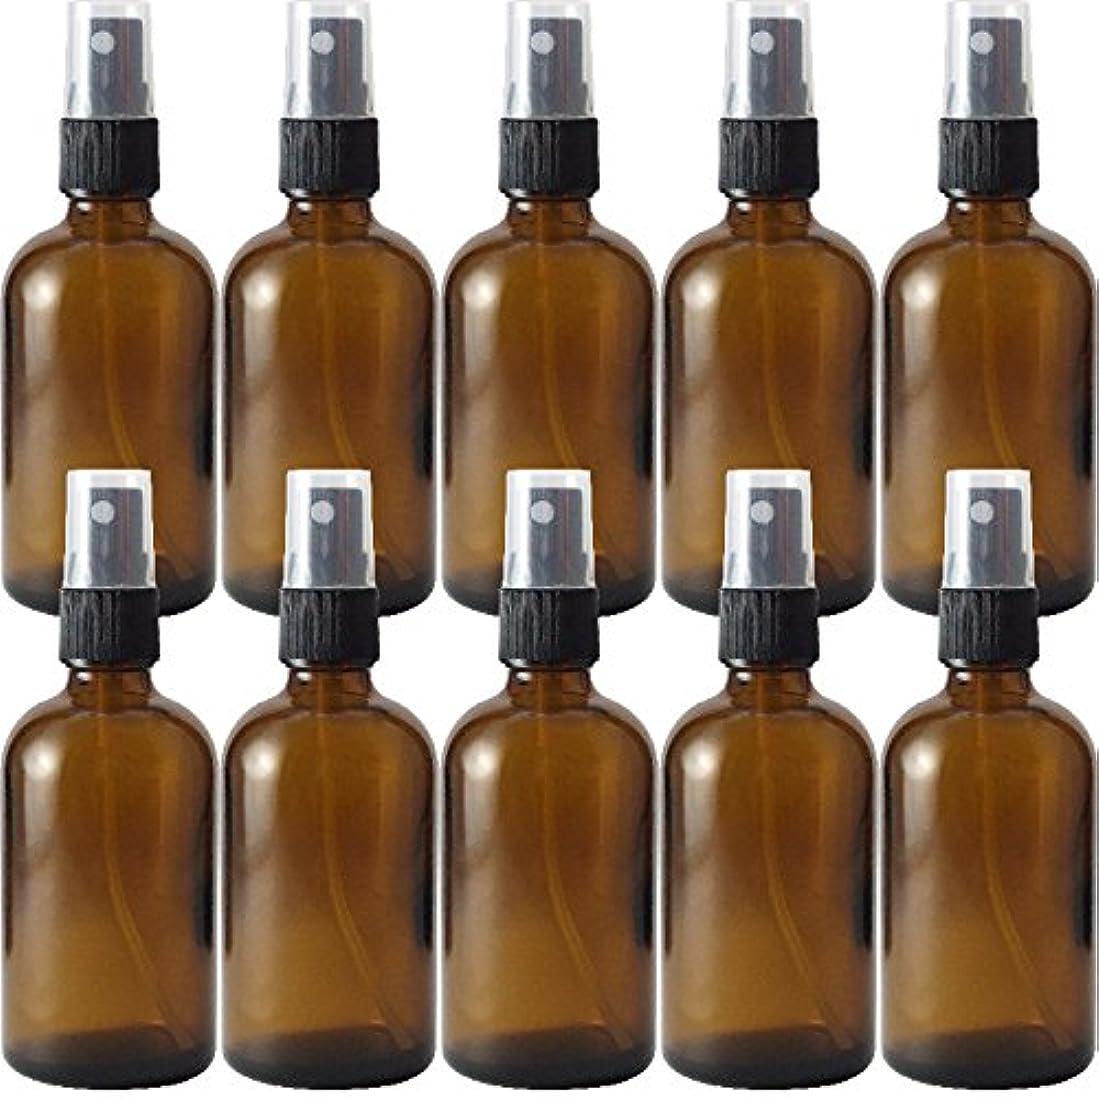 細胞区別ペデスタル遮光瓶 茶 100cc 黒スプレー SYA-T100cc黒スプレー -10本セット-